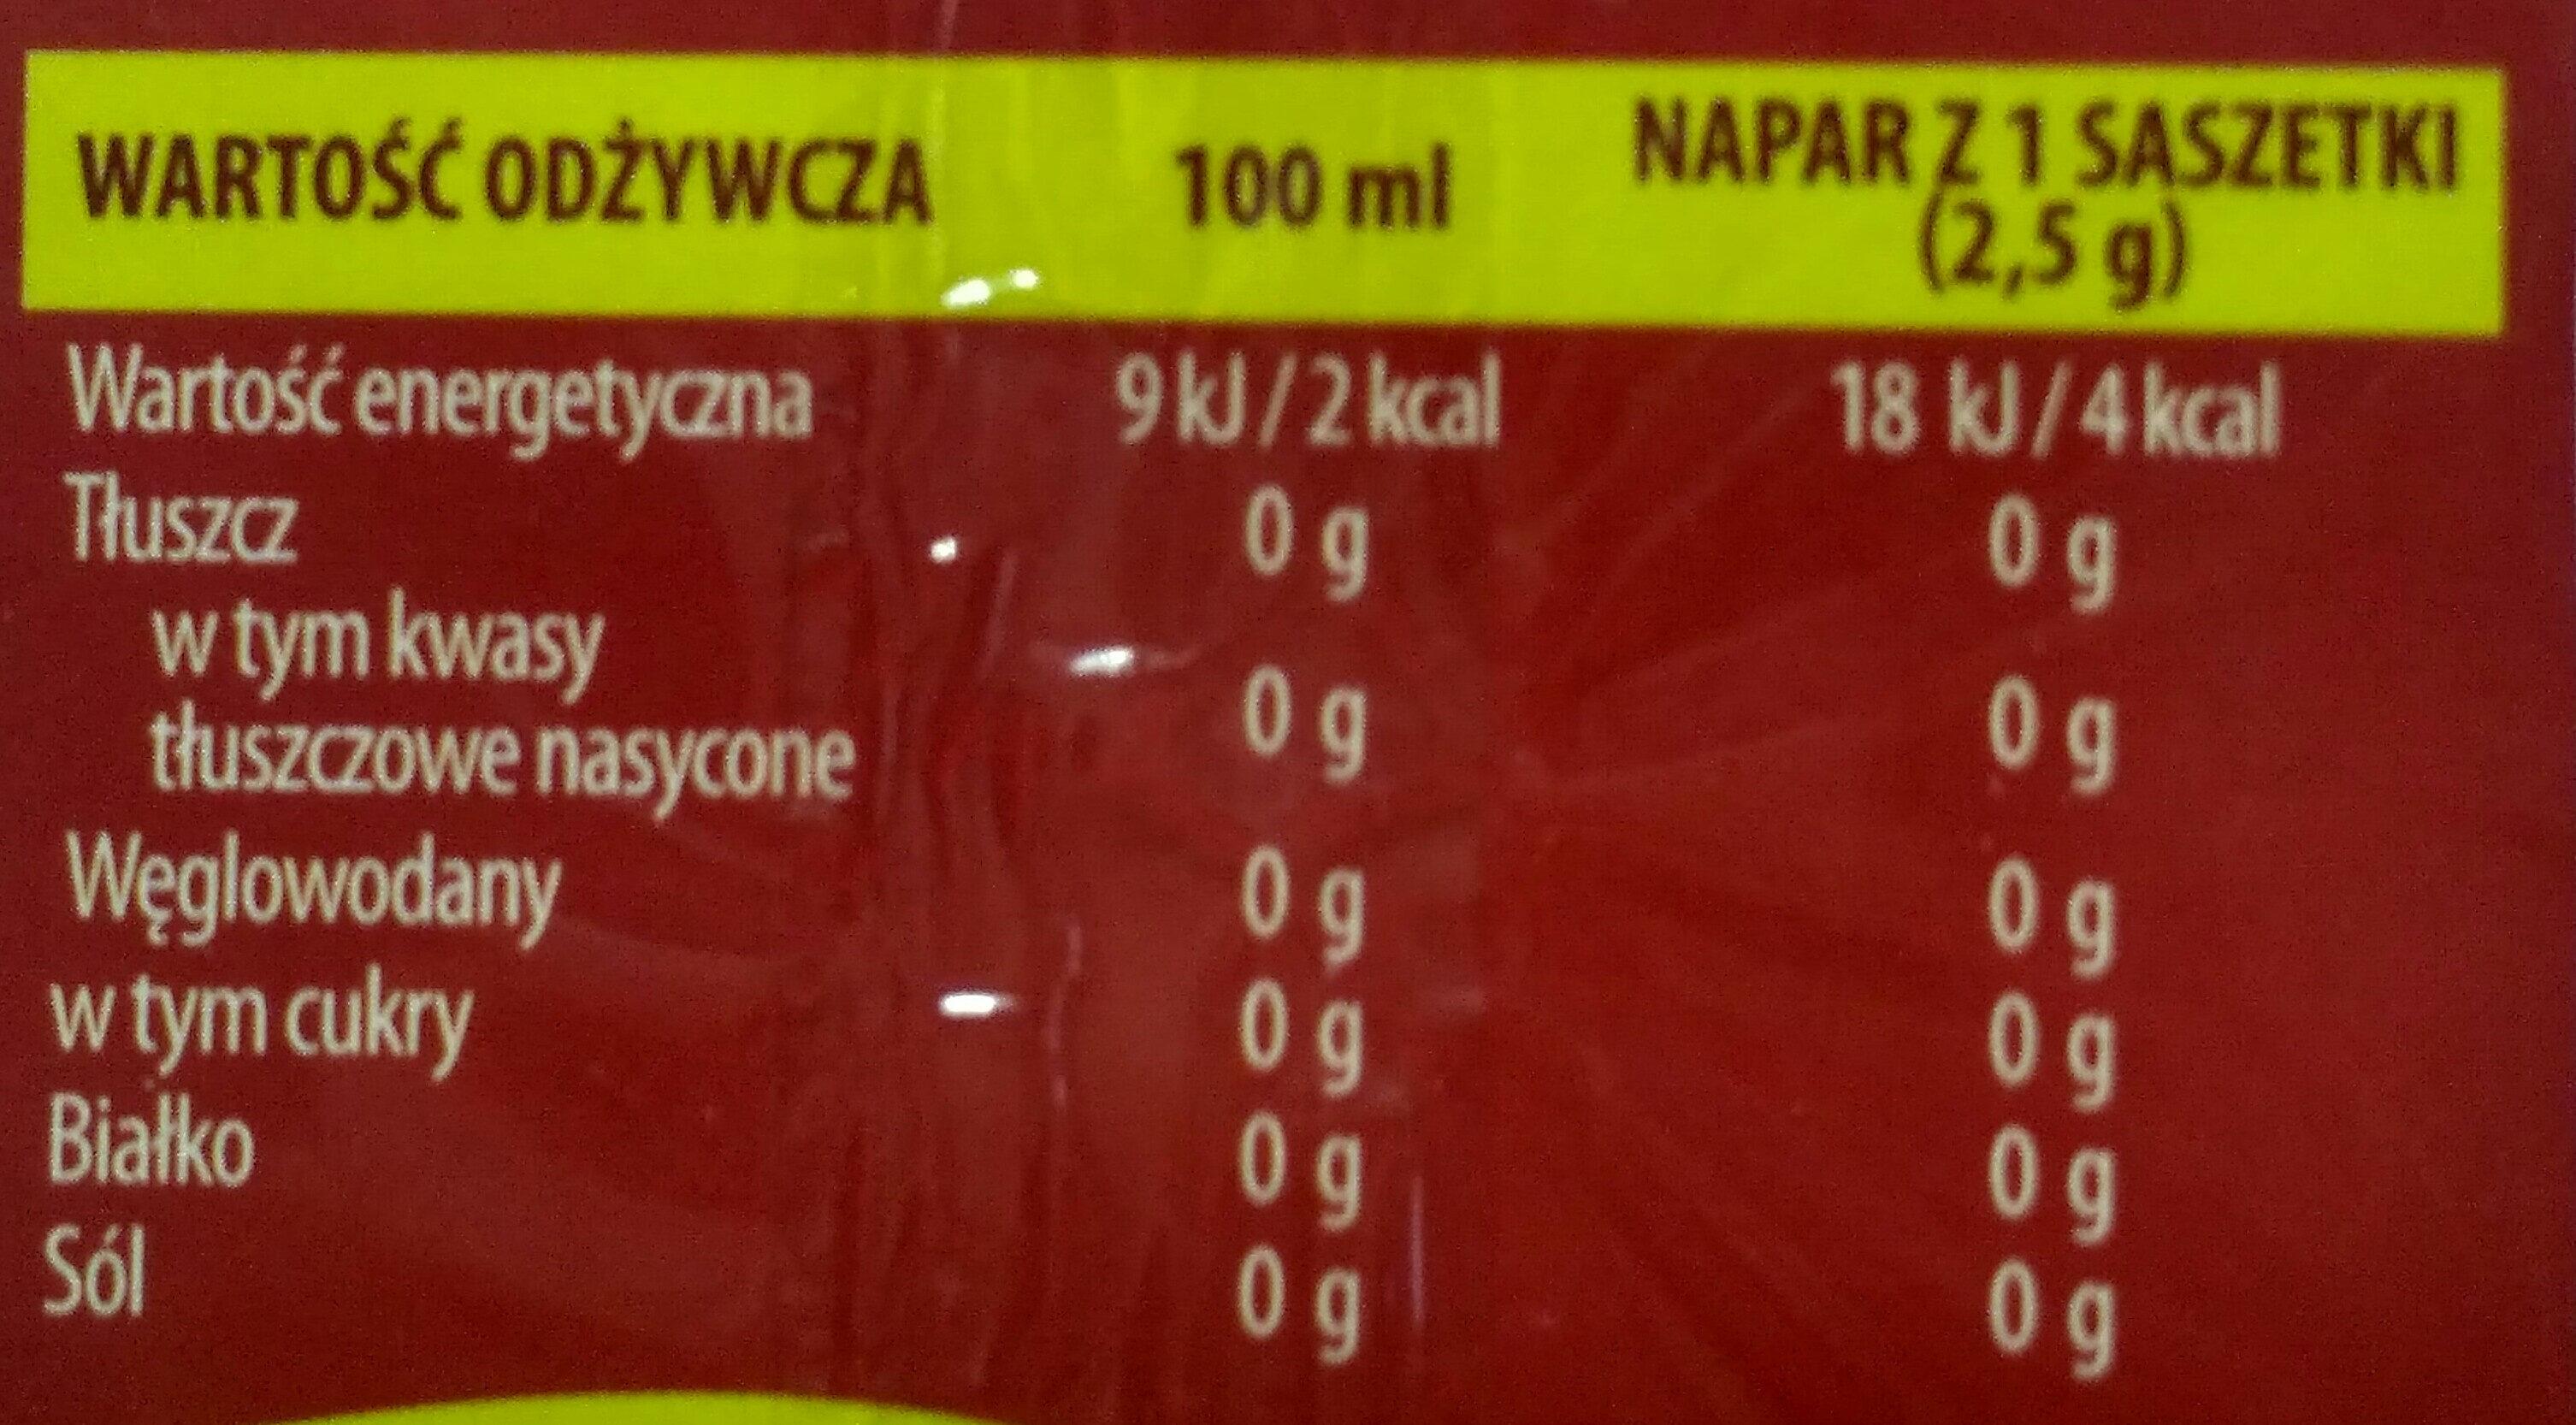 Herbata truskawka z poziomką - Wartości odżywcze - pl